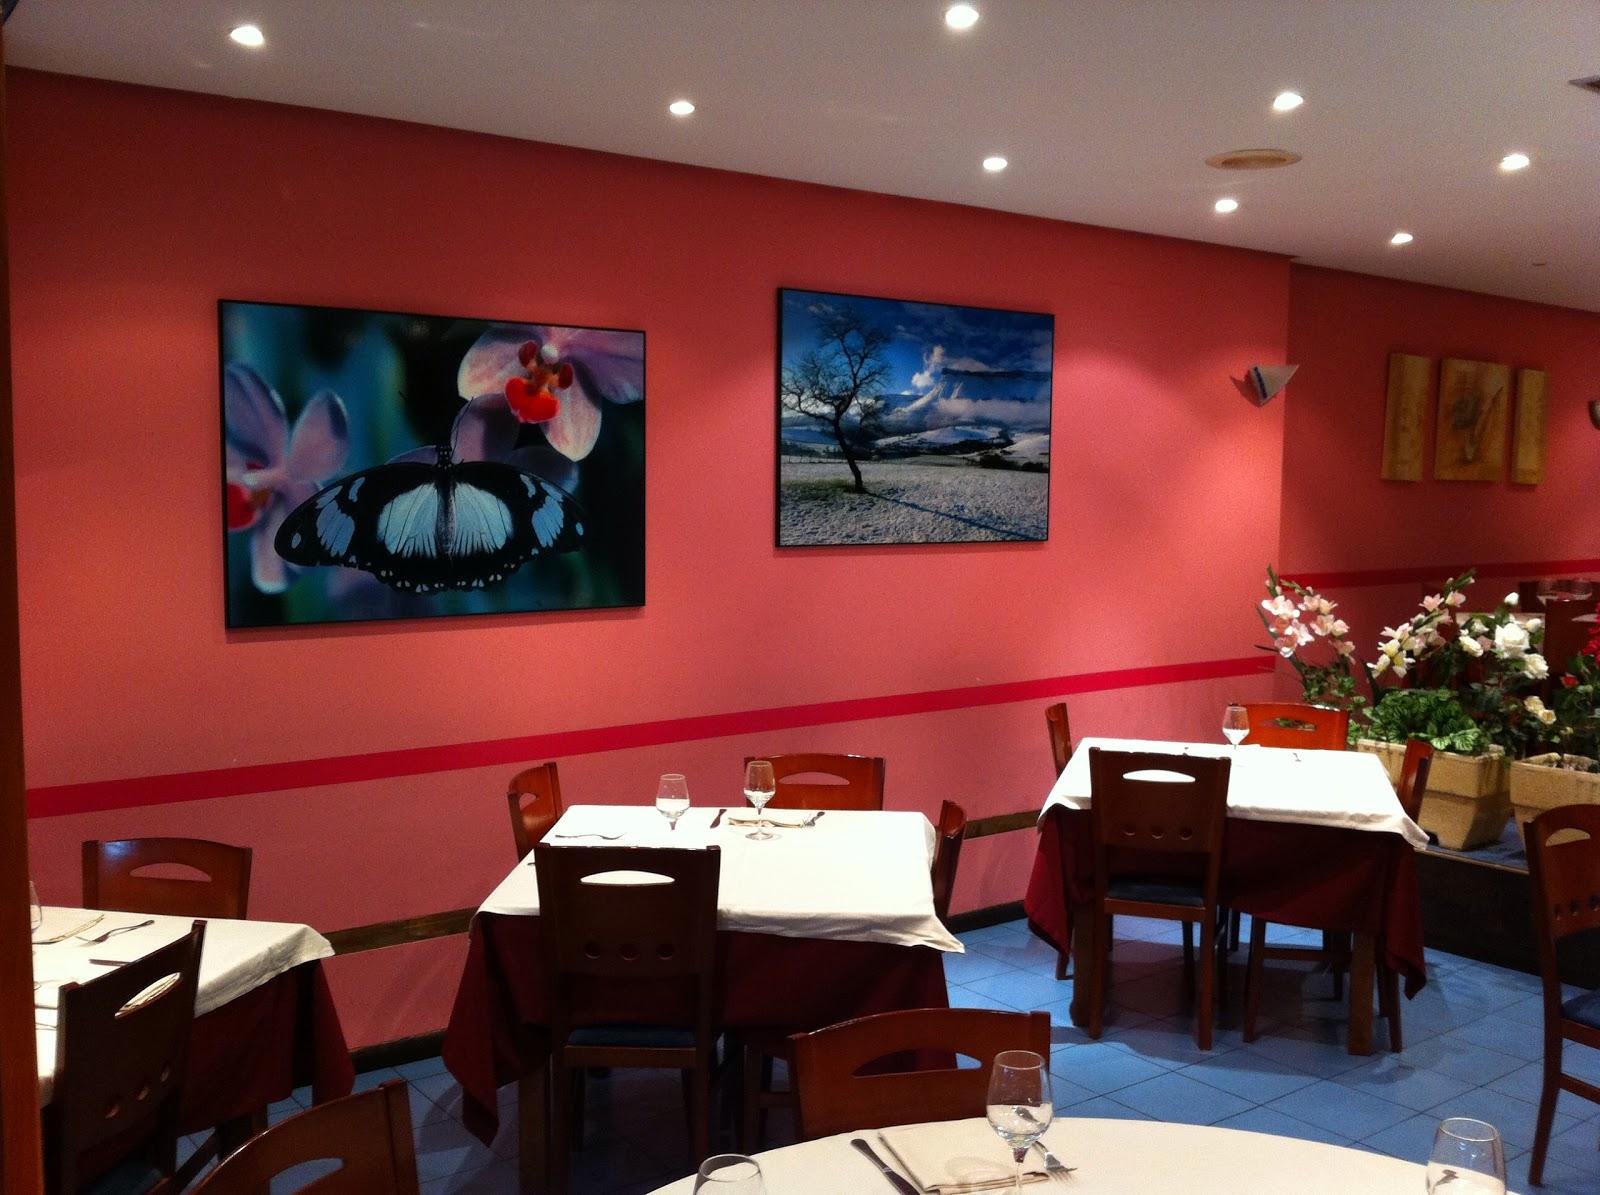 Hotel Restaurante Torre de Artziniega